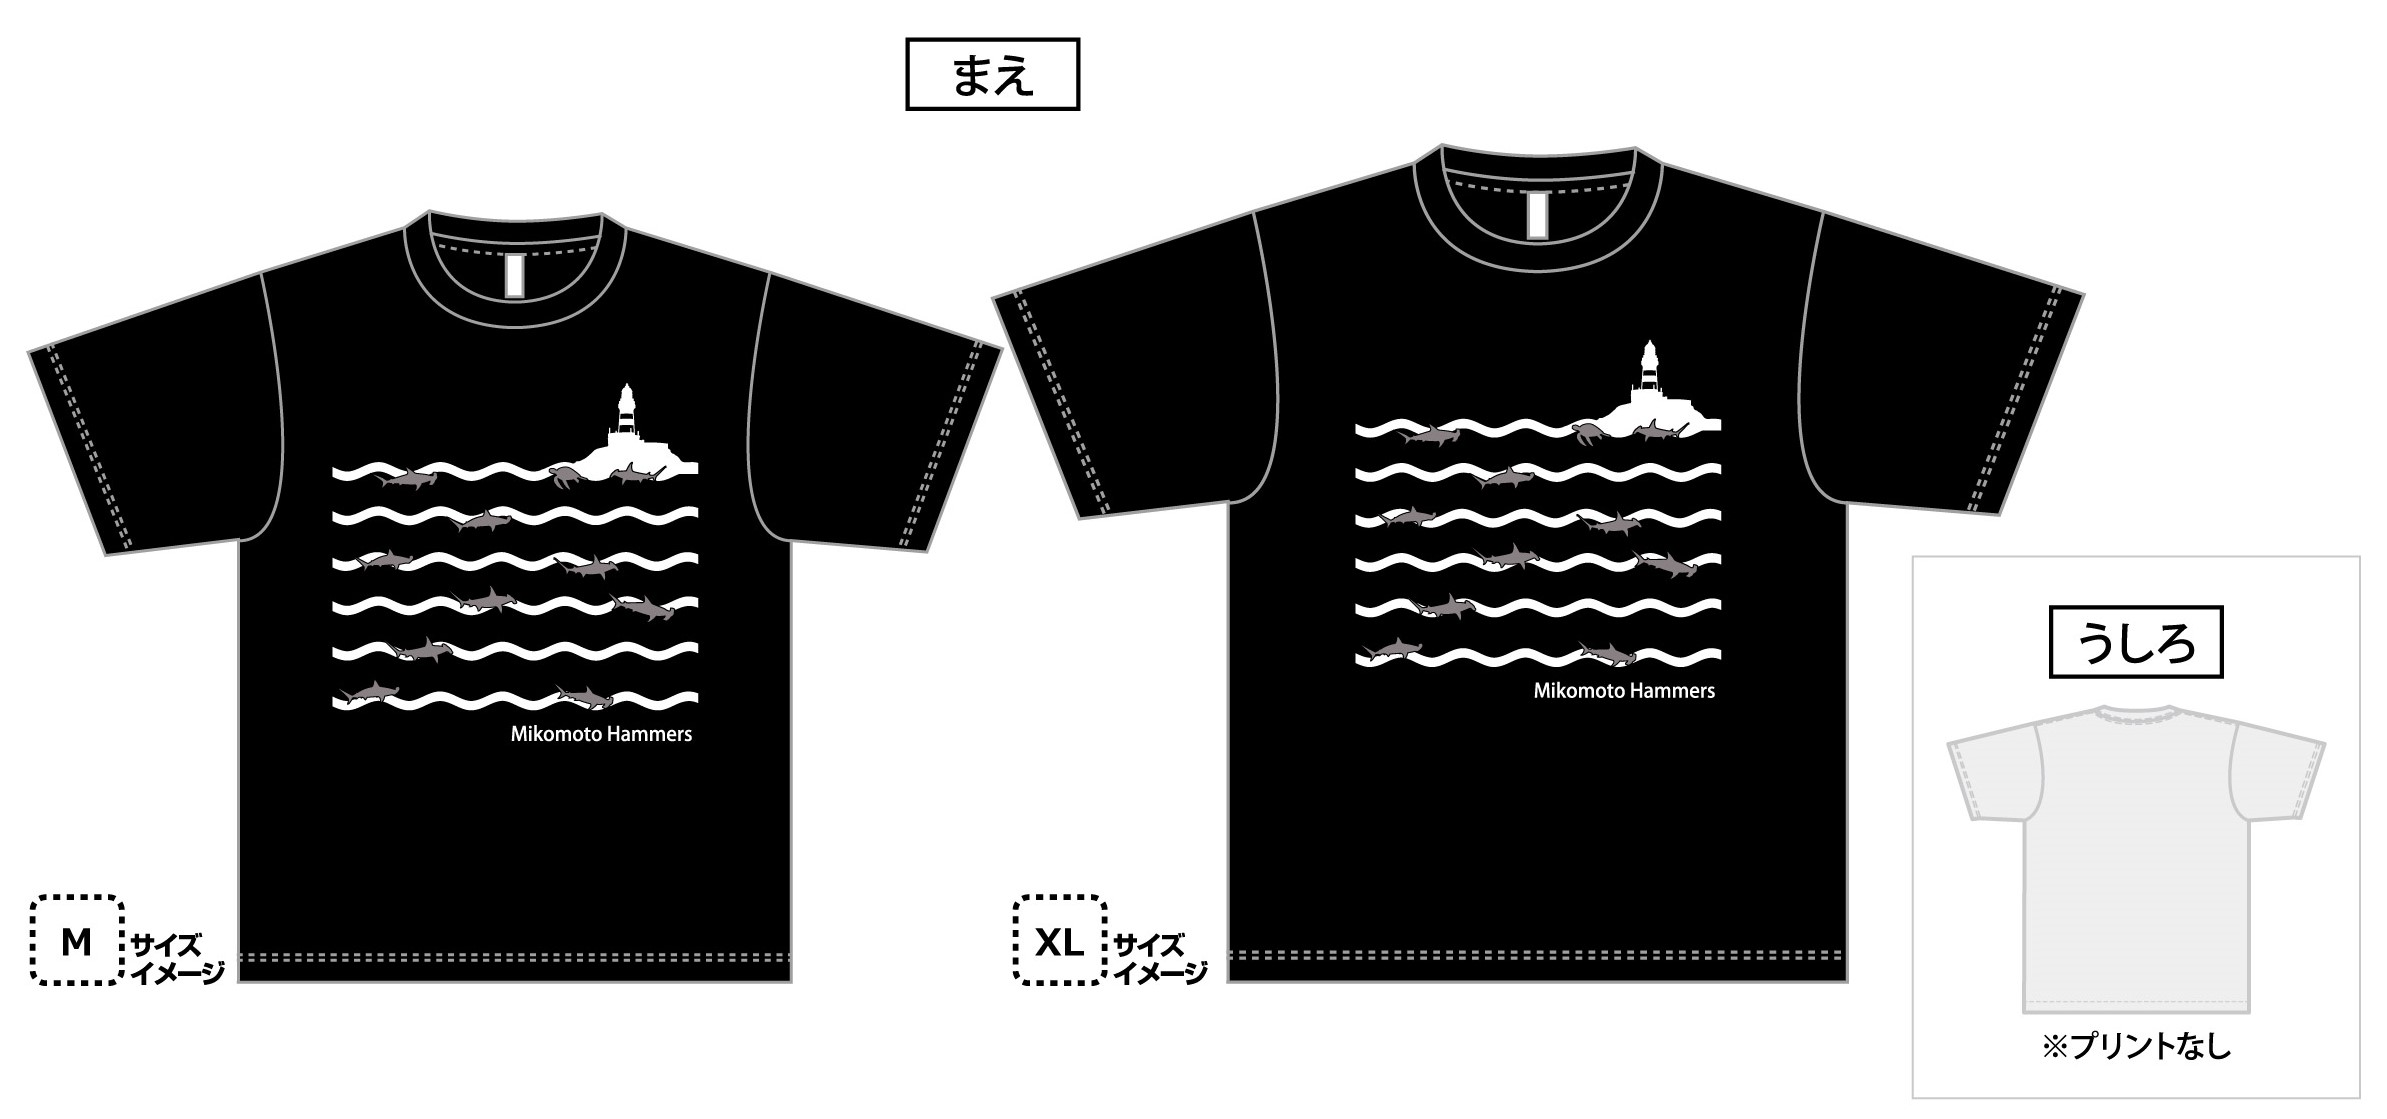 新作Tシャツ登場!